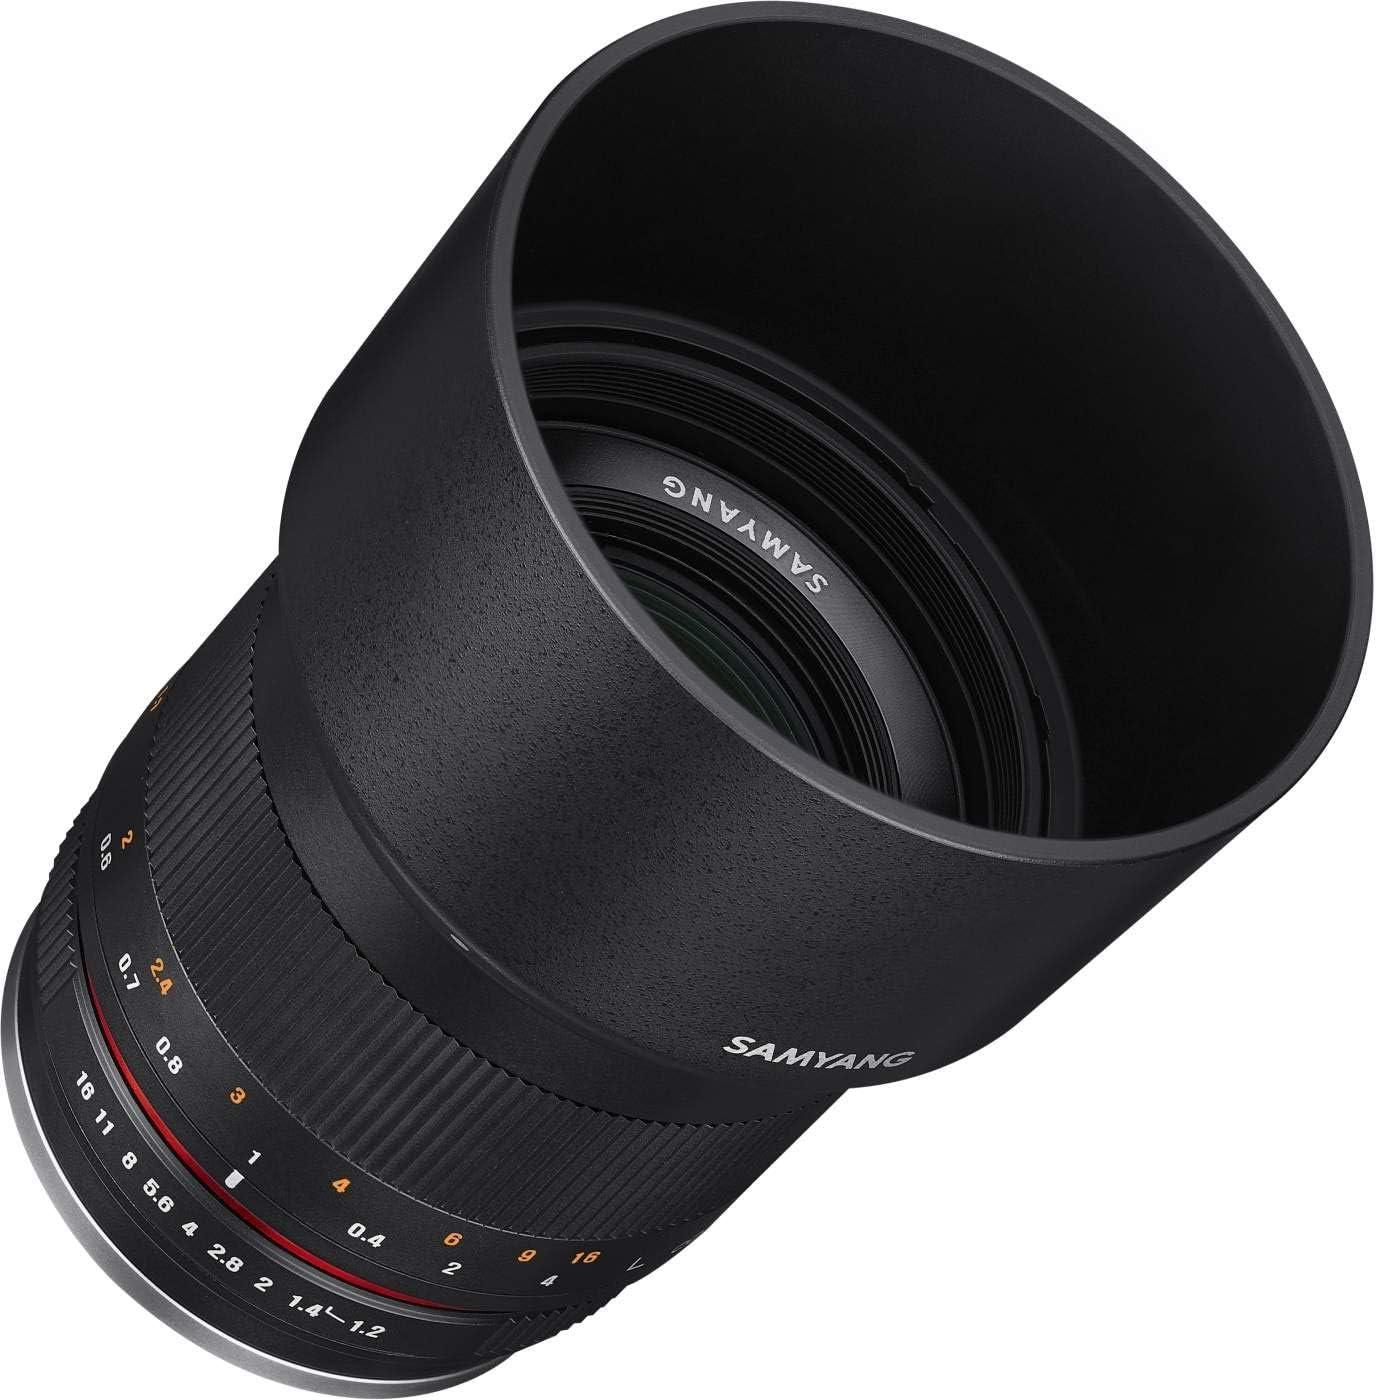 Samyang Mf 50mm F1 2 Aps C Canon M Schwarz Manuelles Kamera